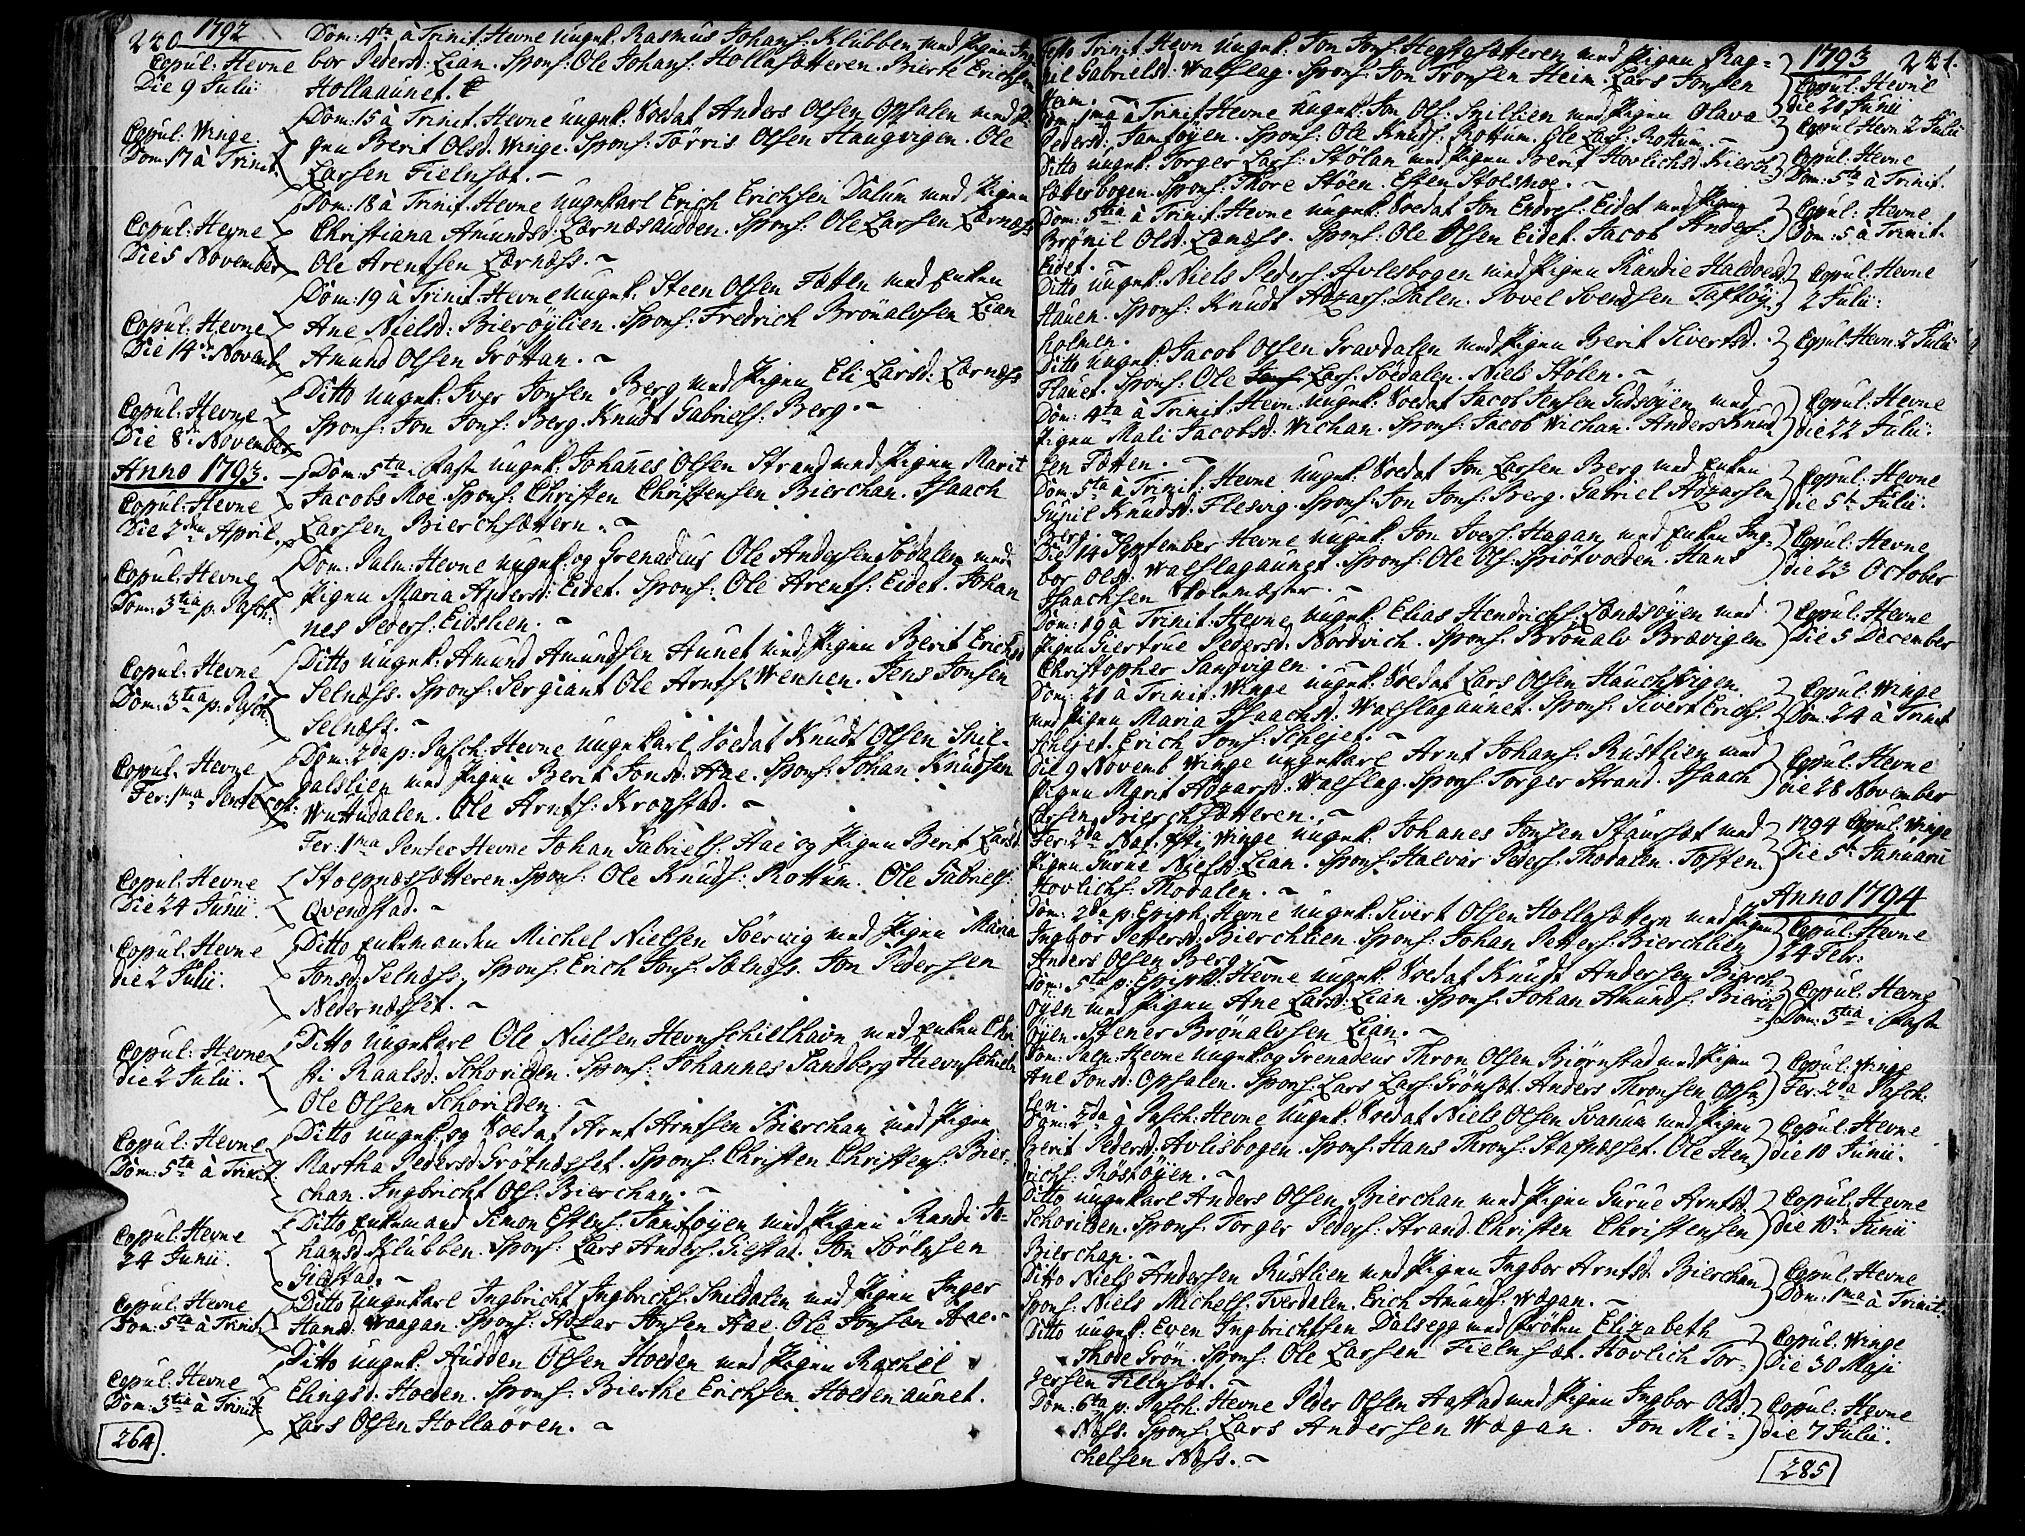 SAT, Ministerialprotokoller, klokkerbøker og fødselsregistre - Sør-Trøndelag, 630/L0489: Ministerialbok nr. 630A02, 1757-1794, s. 240-241